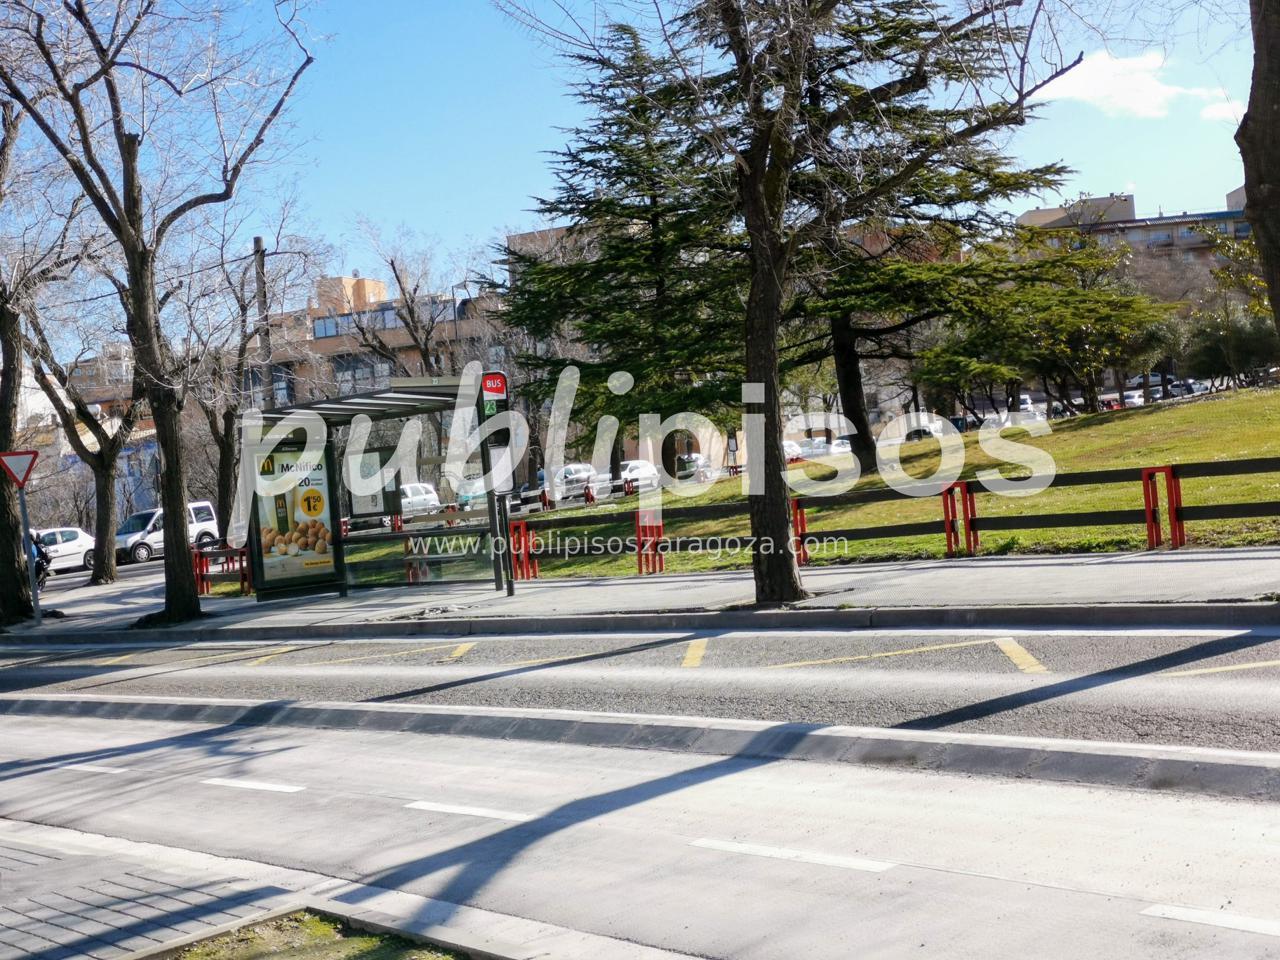 Piso en venta en Zaragoza de 78 m2-2